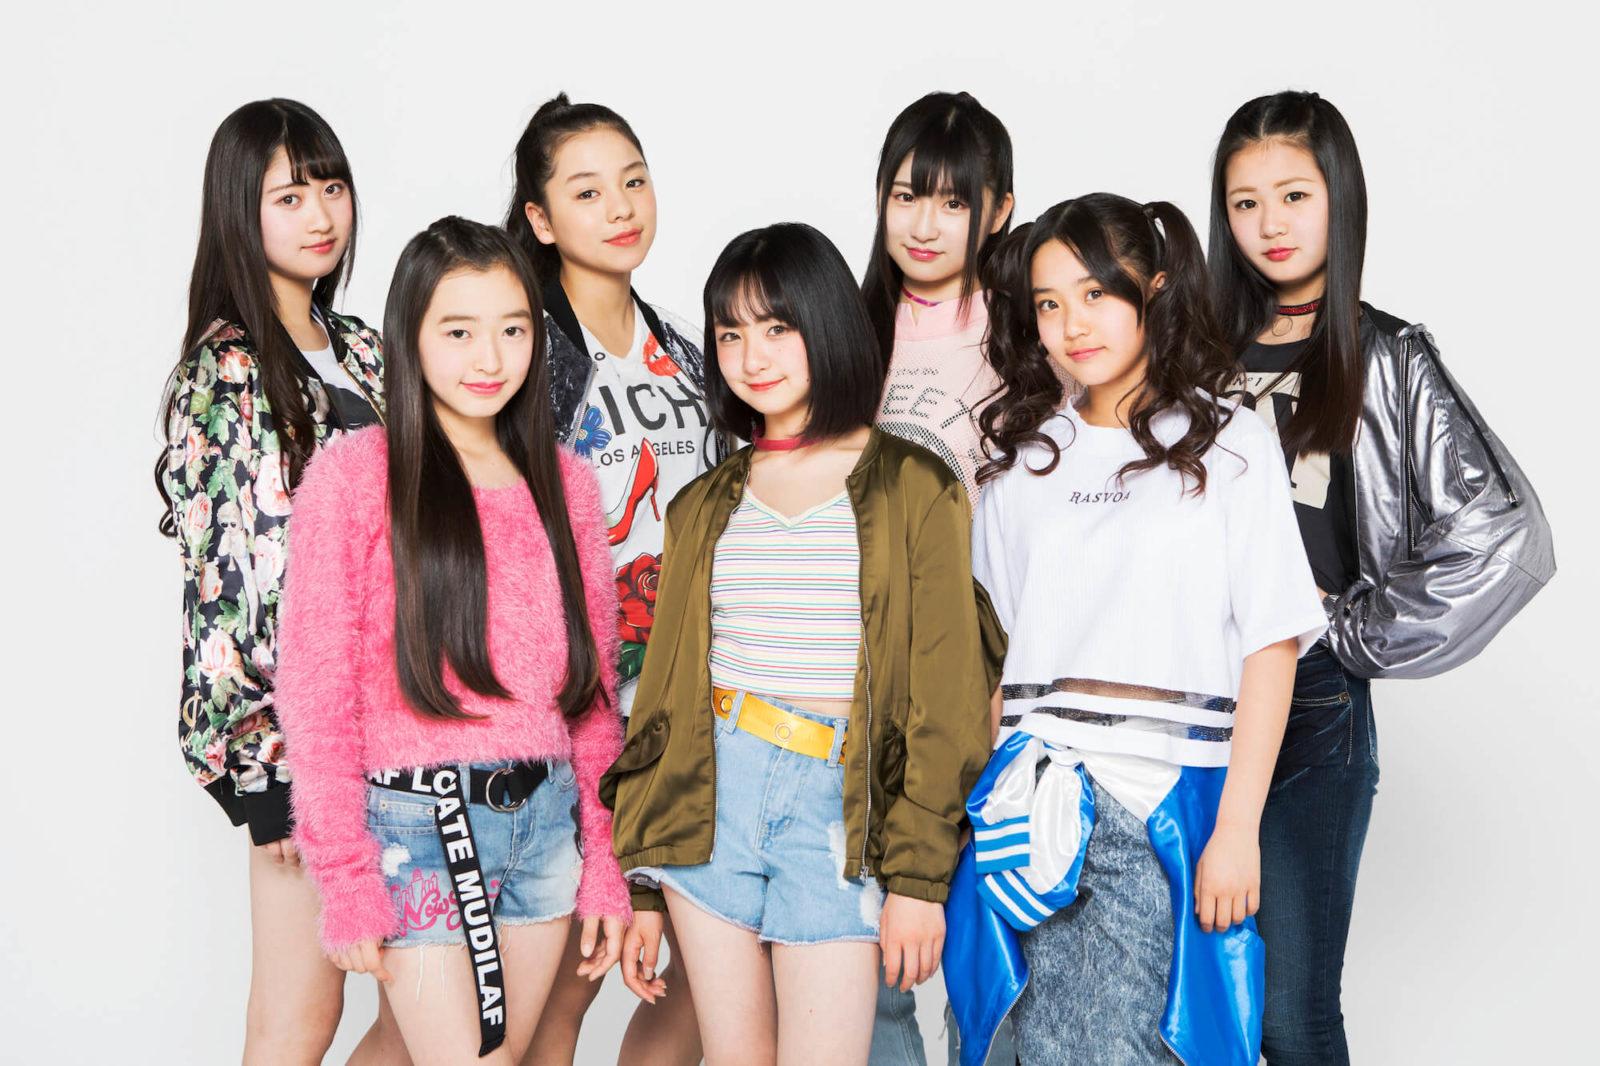 メンバー全員がモデル経験者!原宿で生まれたガールズユニット・ハラ塾DREAMMATEの最終目標はドームツアーサムネイル画像